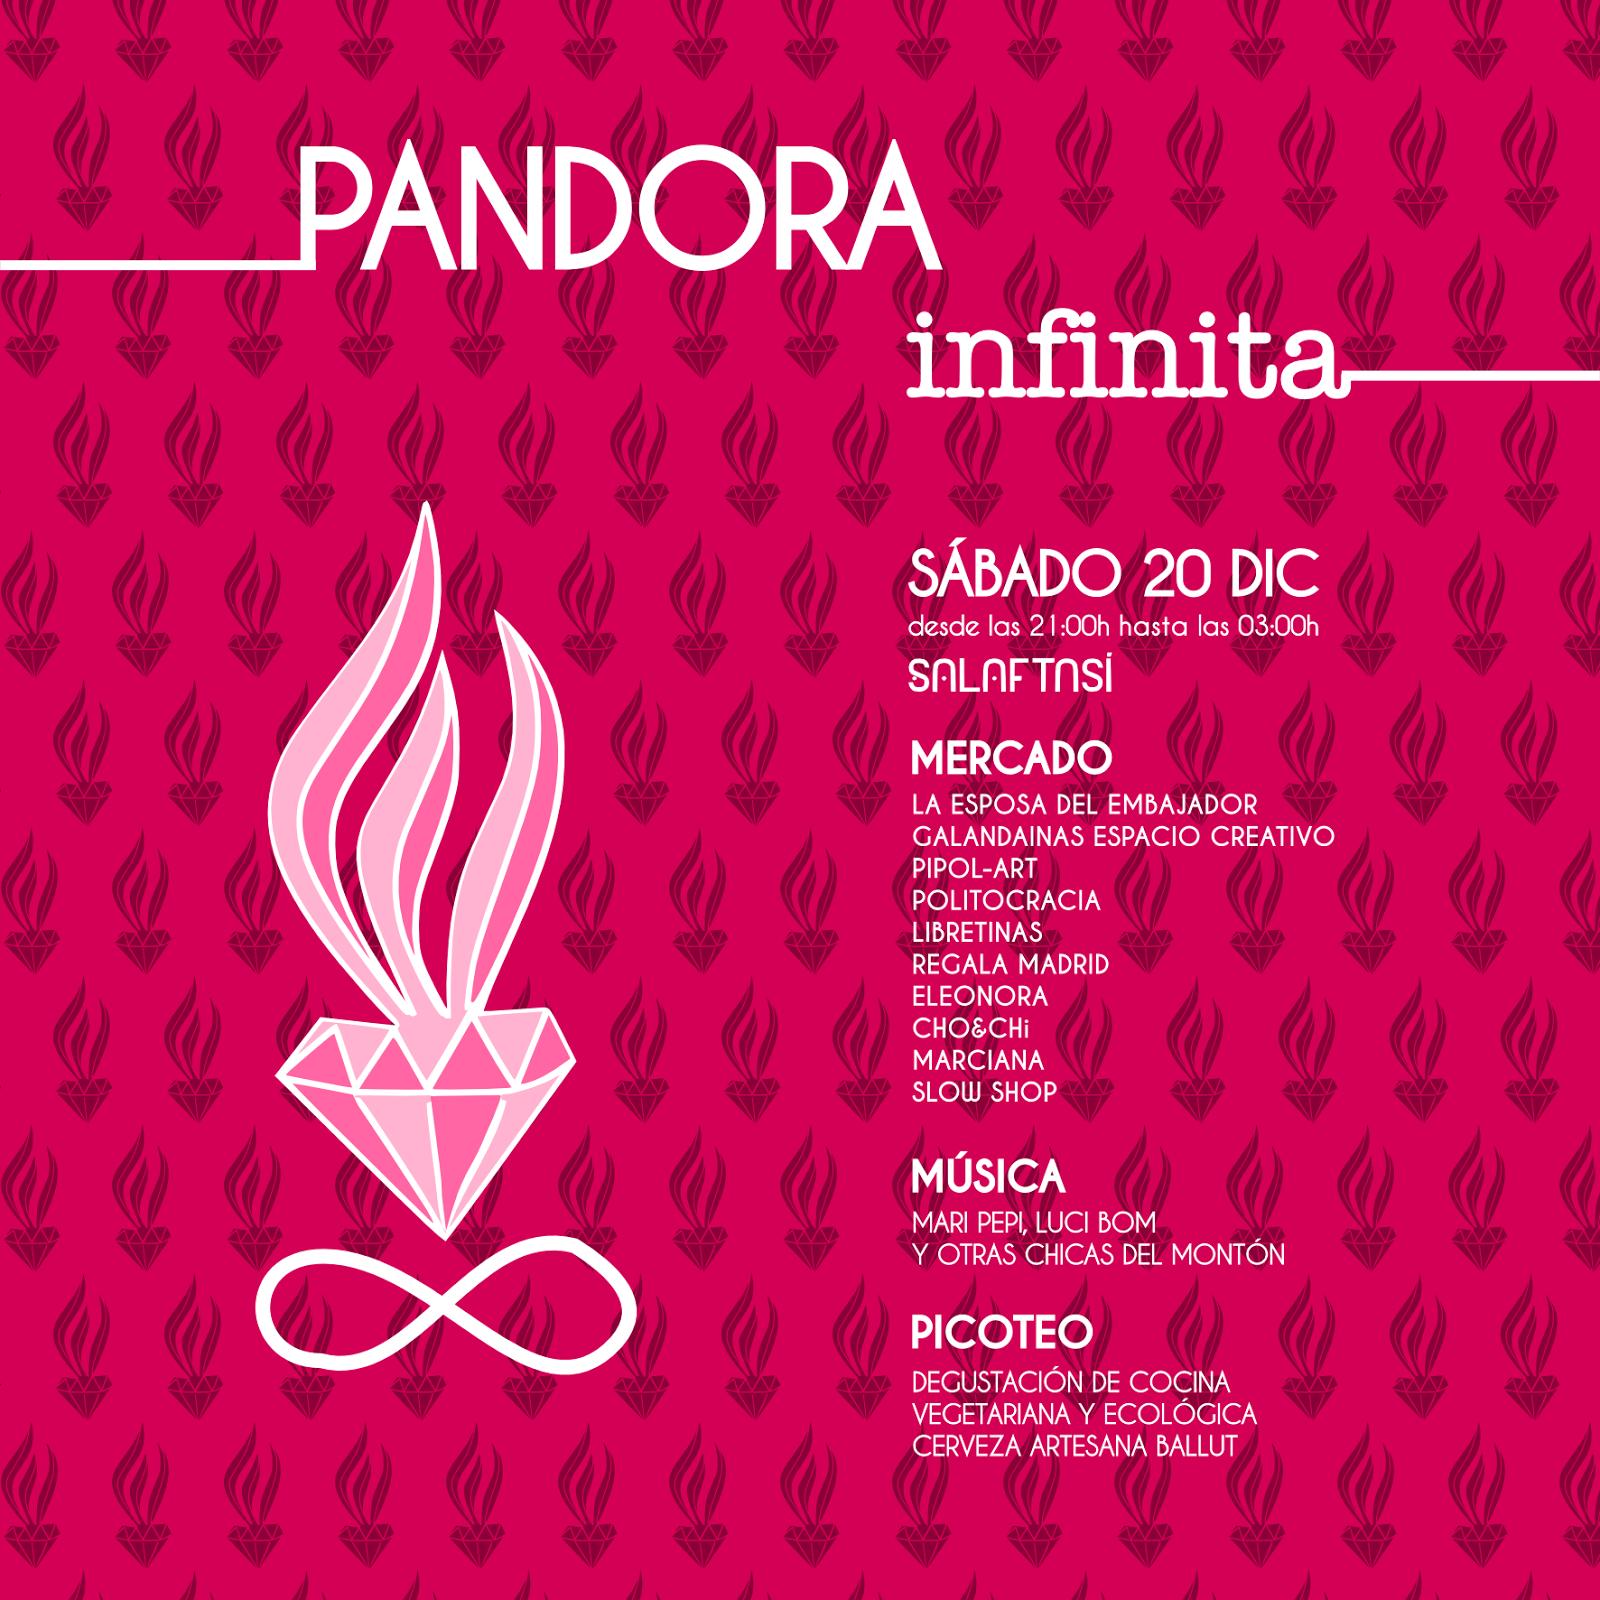 La esposa del embajador _ Pandora infinita